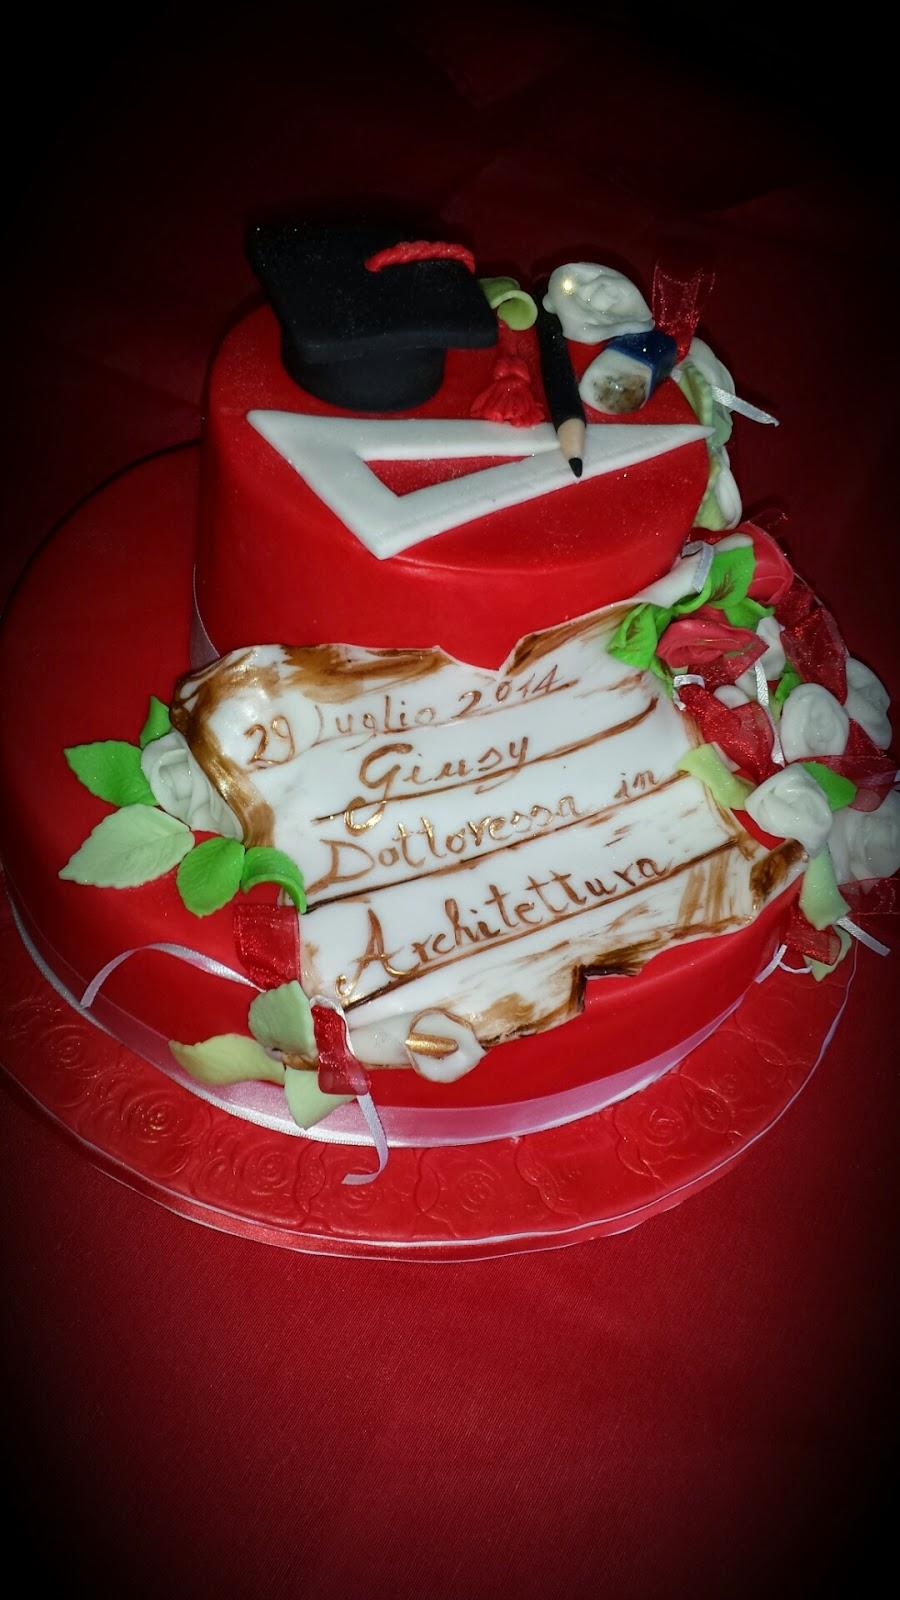 le mie dolci creazioni torta laurea architettura